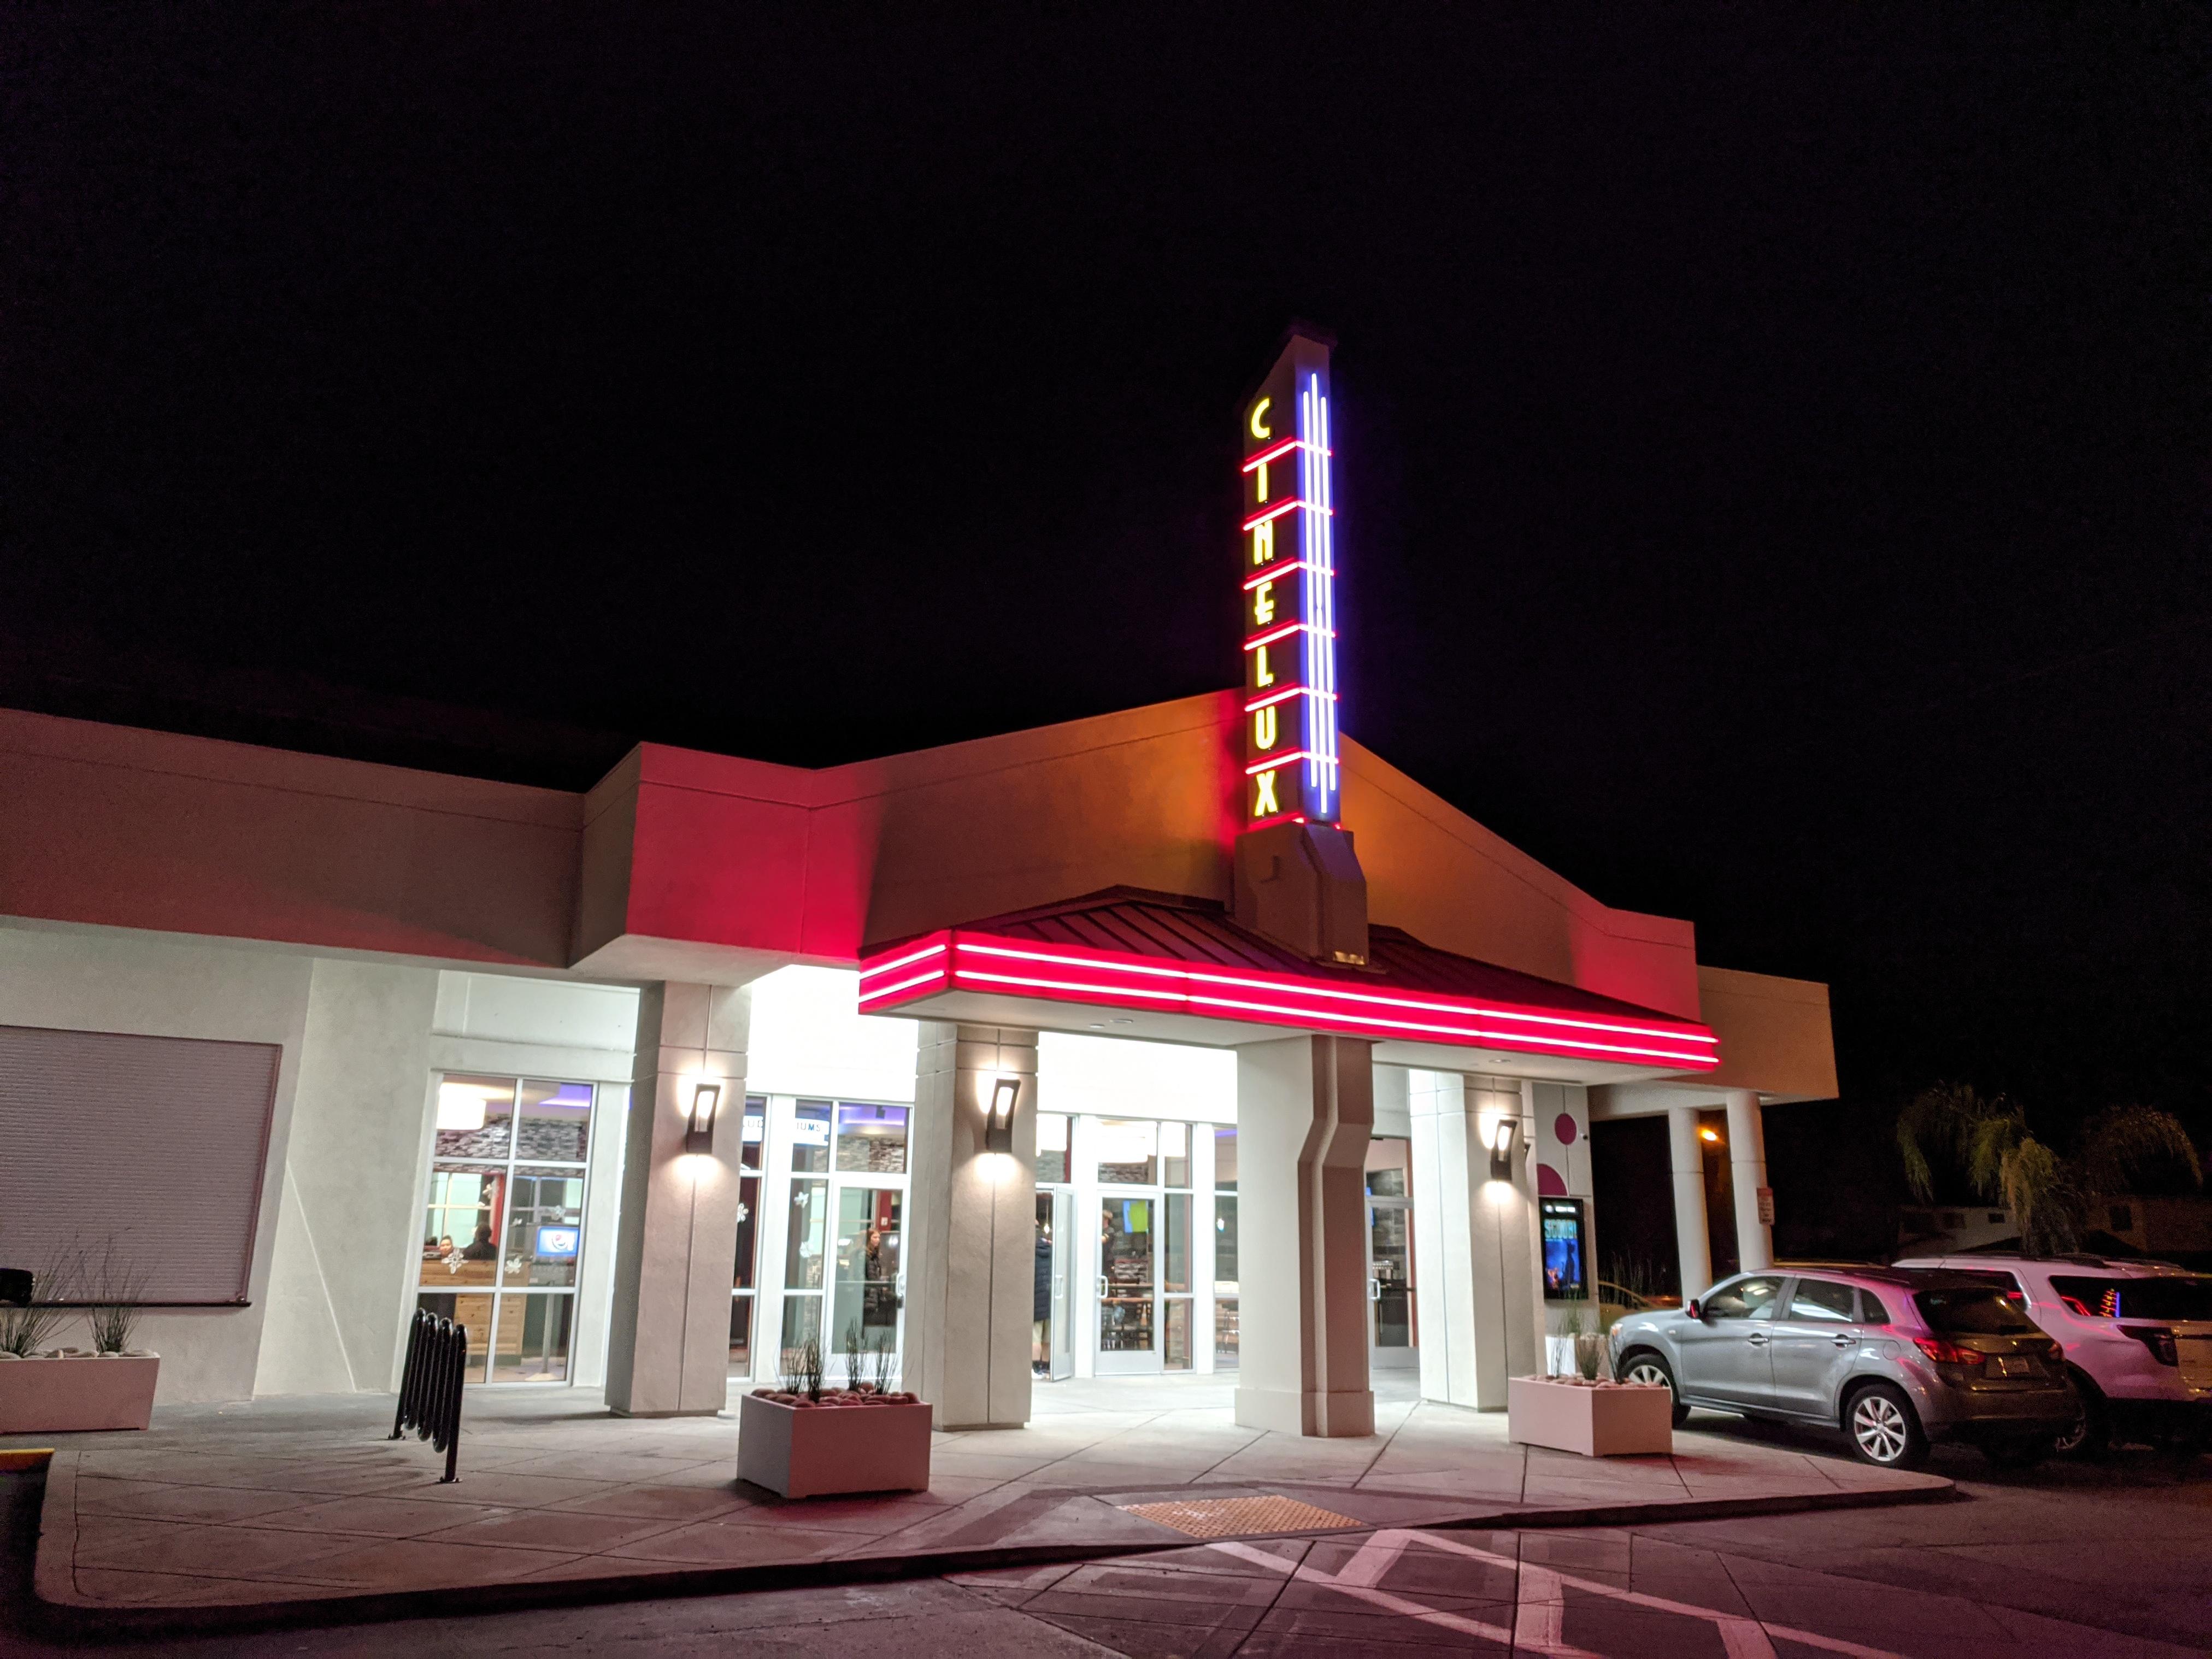 Cinelux Theatres